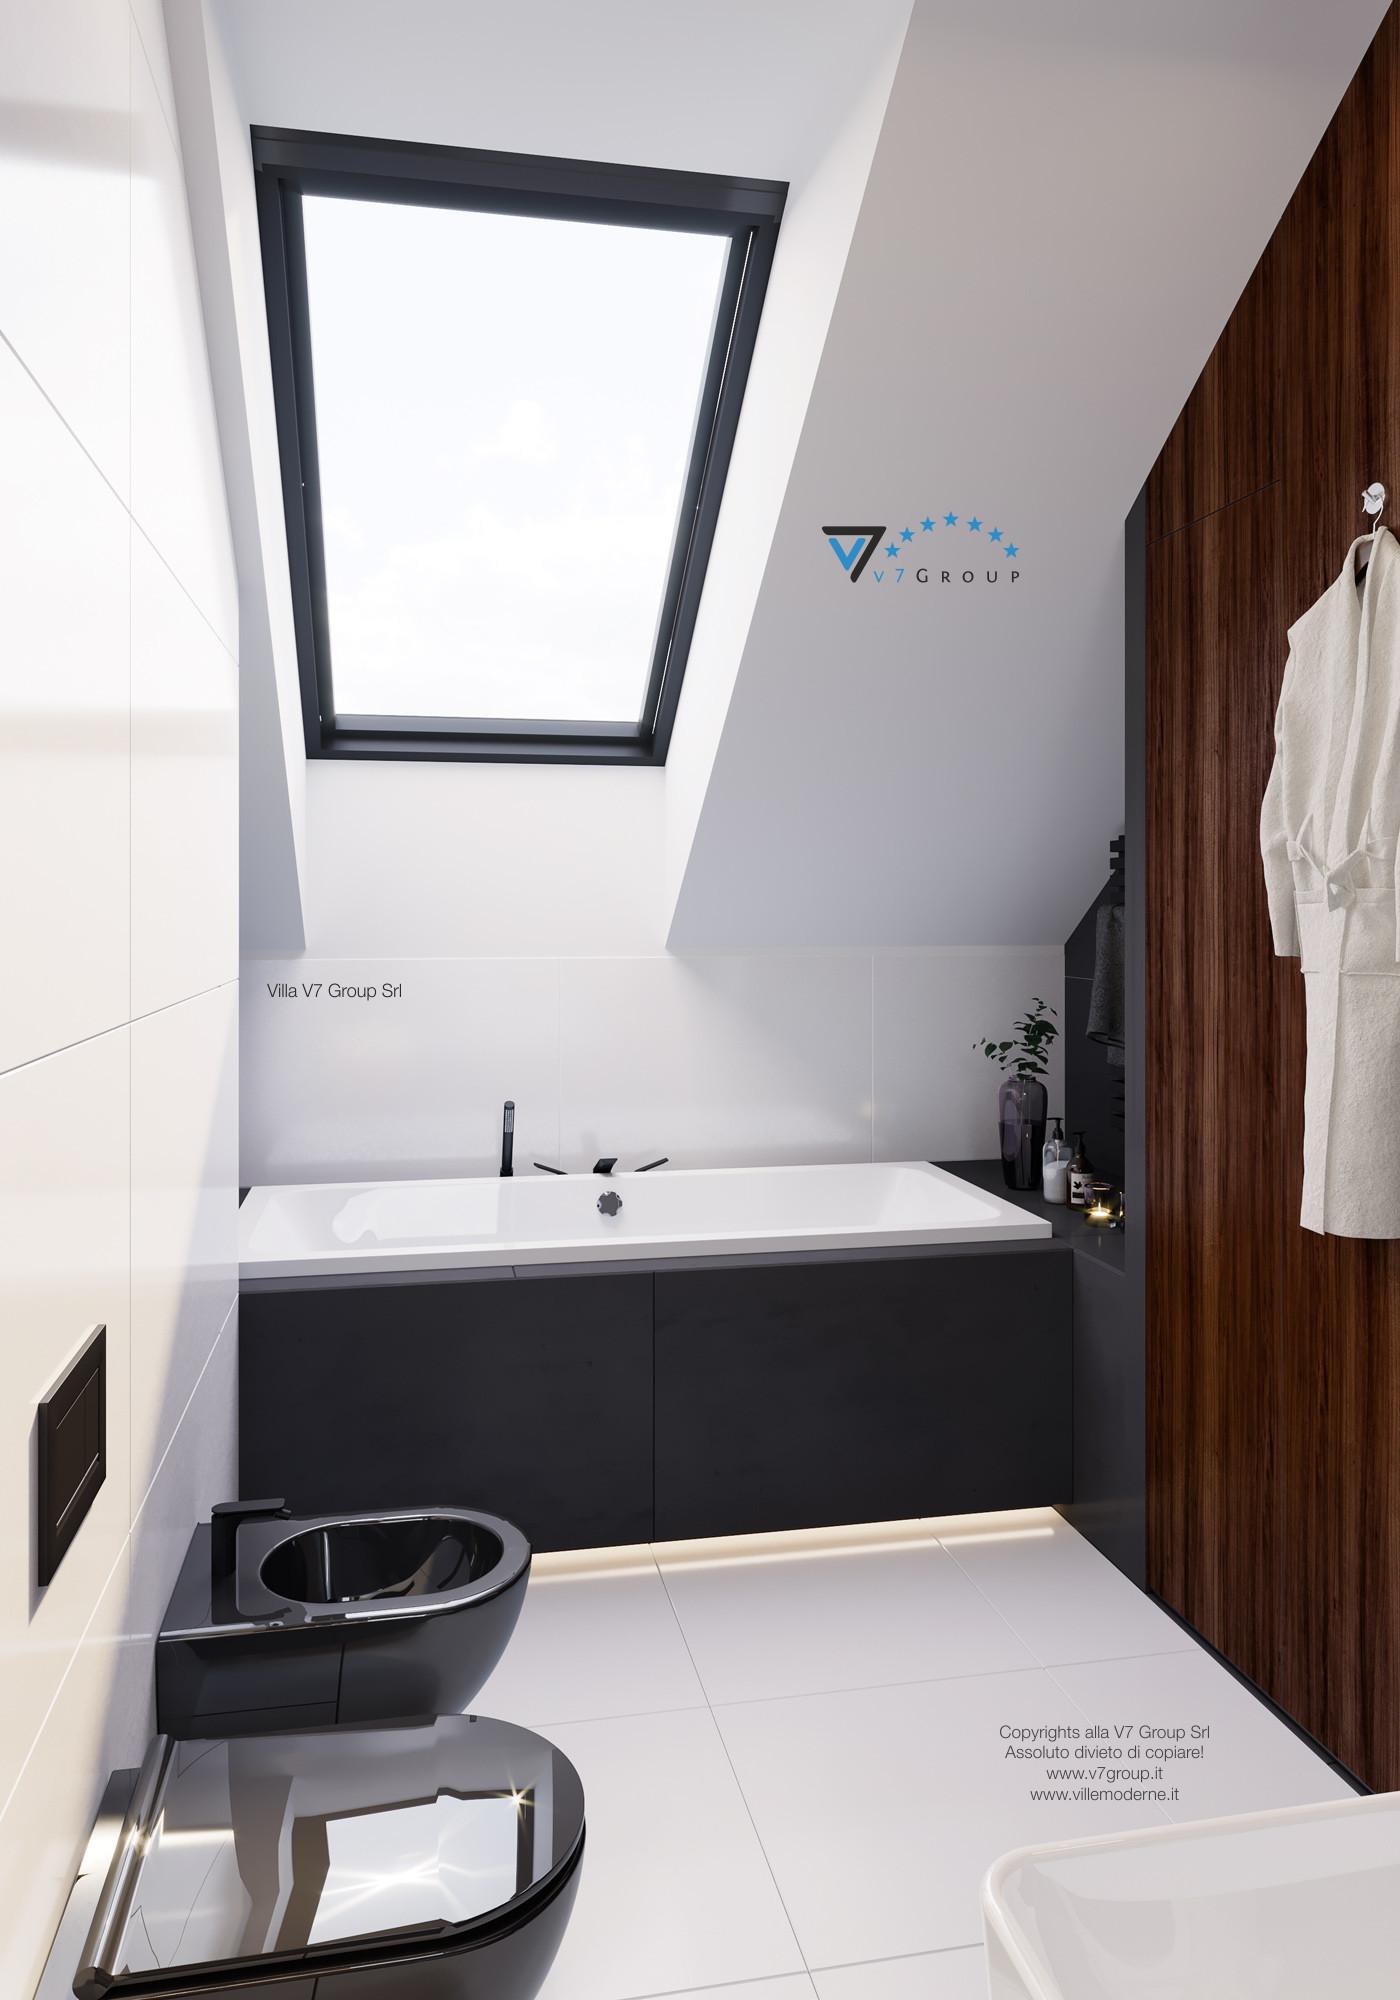 Immagine Villa V13 ENERGO - la vasca nel bagno padronale